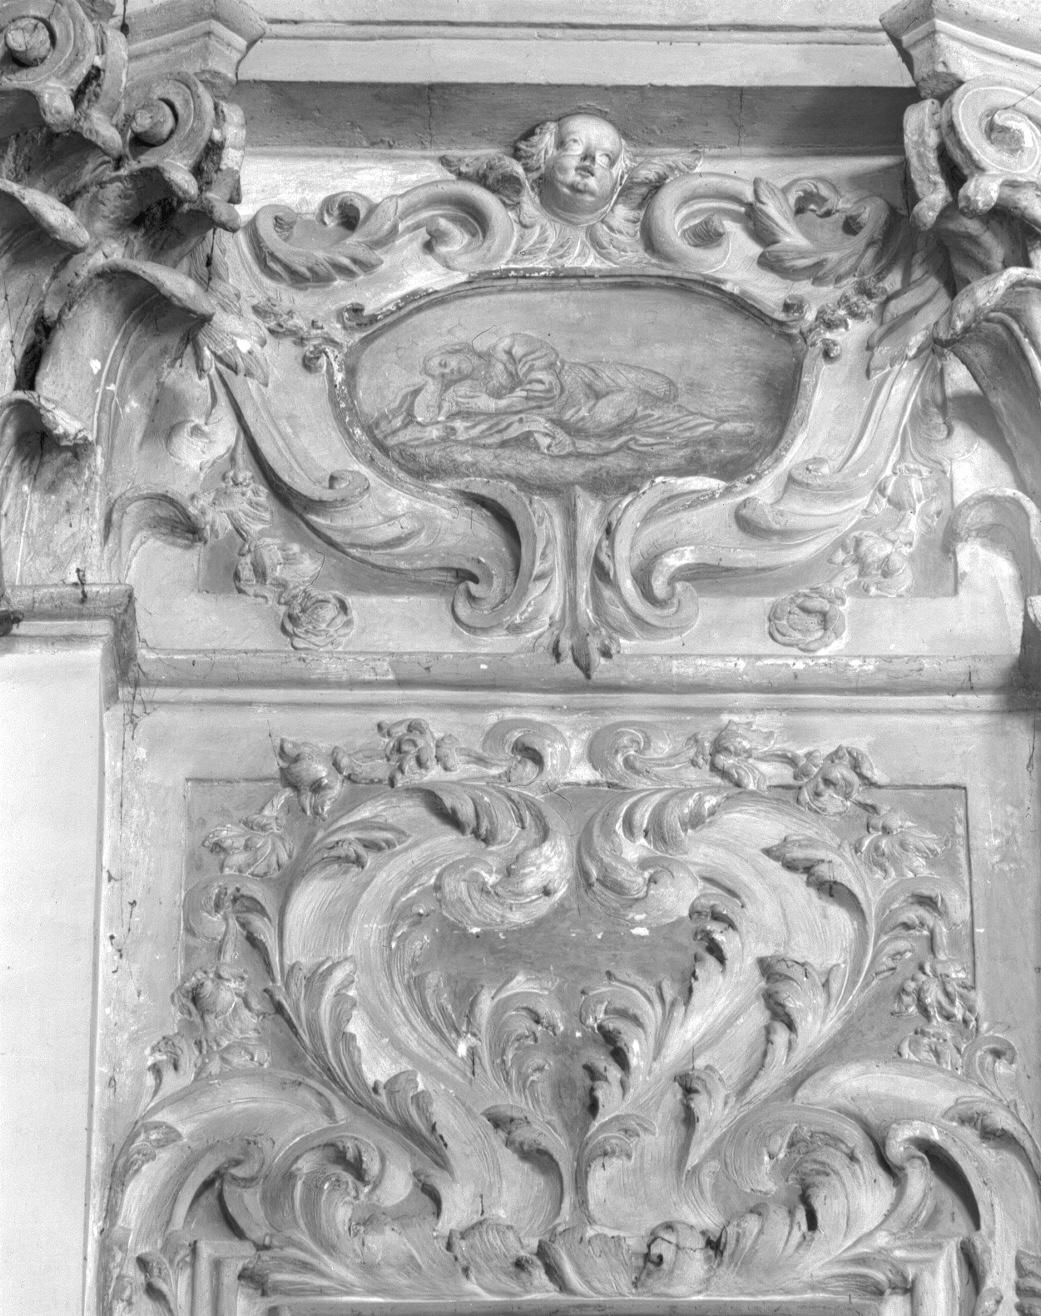 figura allegorica femminile (dipinto) - ambito veneto (secc. XVII/ XVIII)